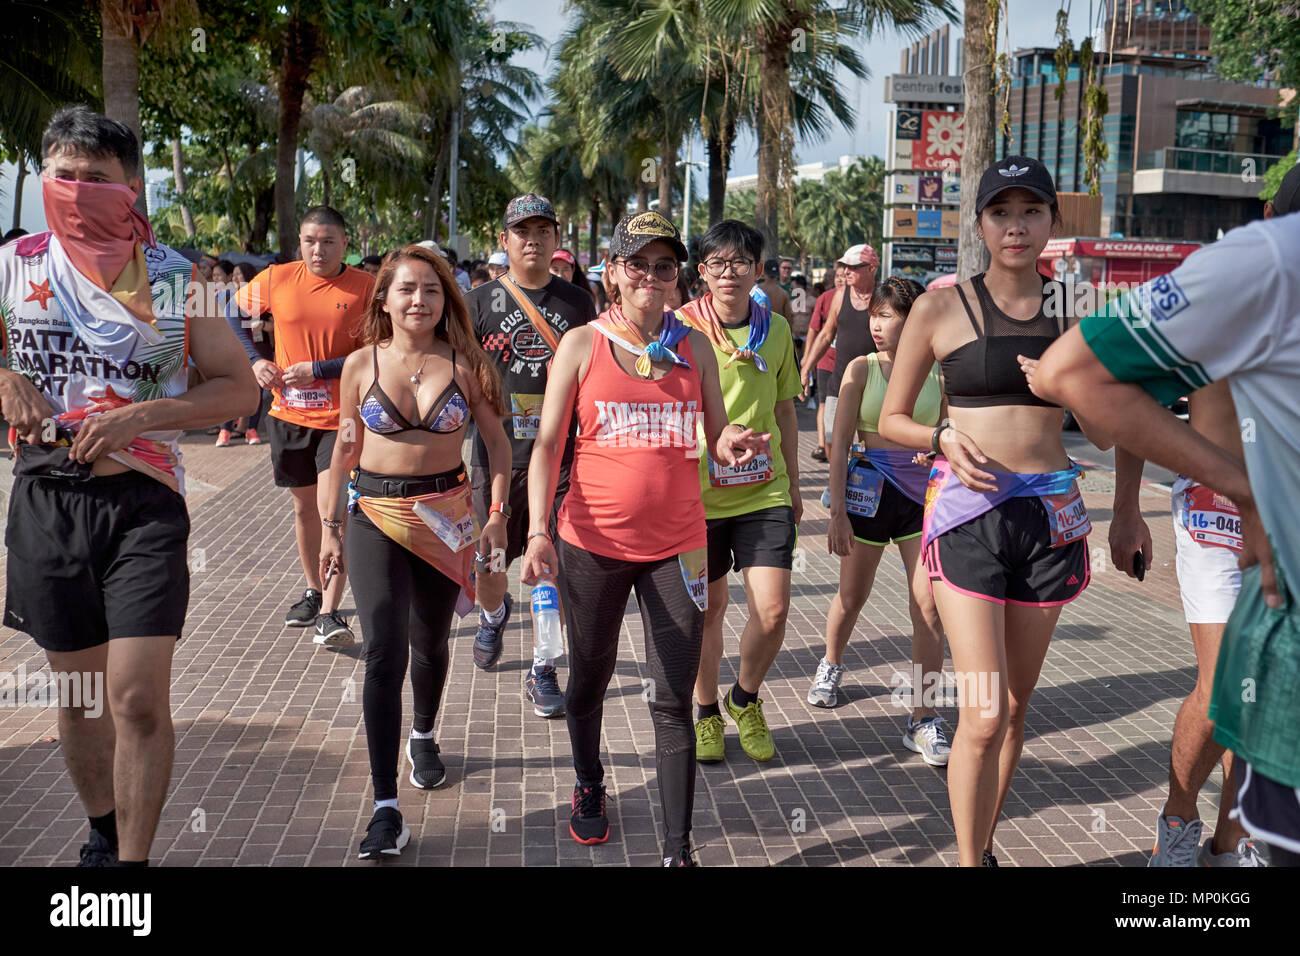 Bikini Fun Run with pregnant woman competing, Pattaya, Thailand, 2018 - Stock Image